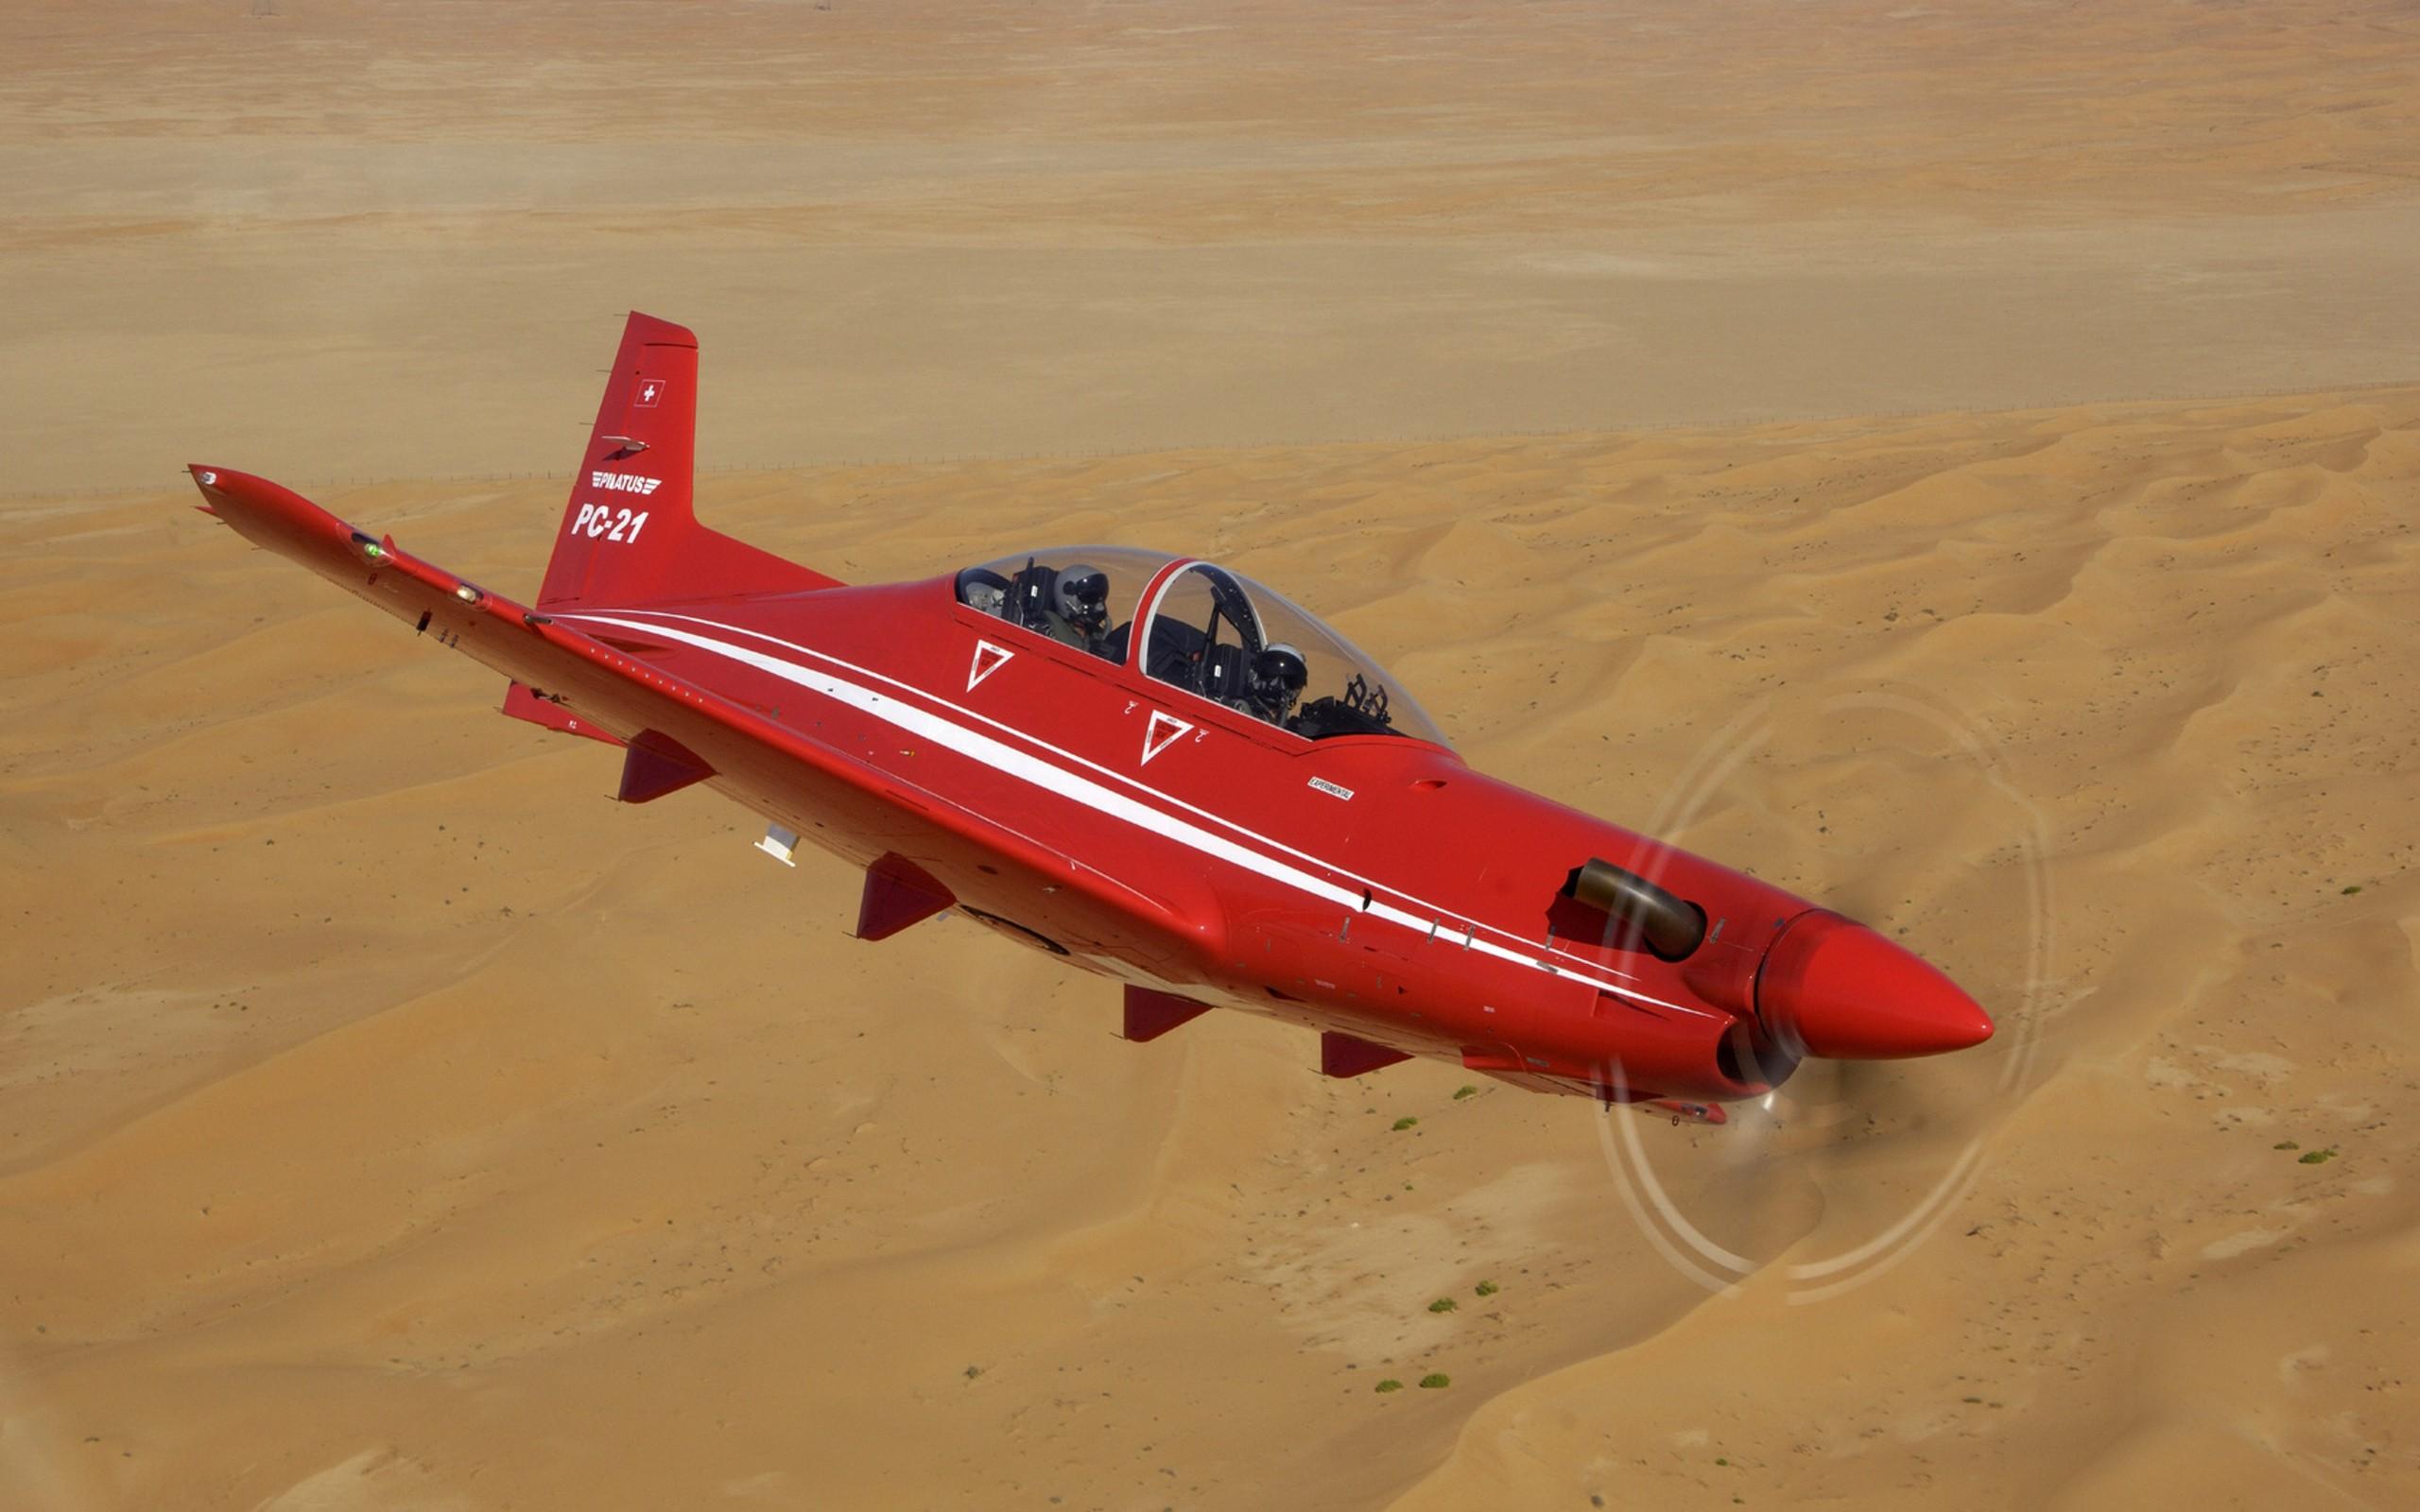 Avion acrobático volando - 2560x1600